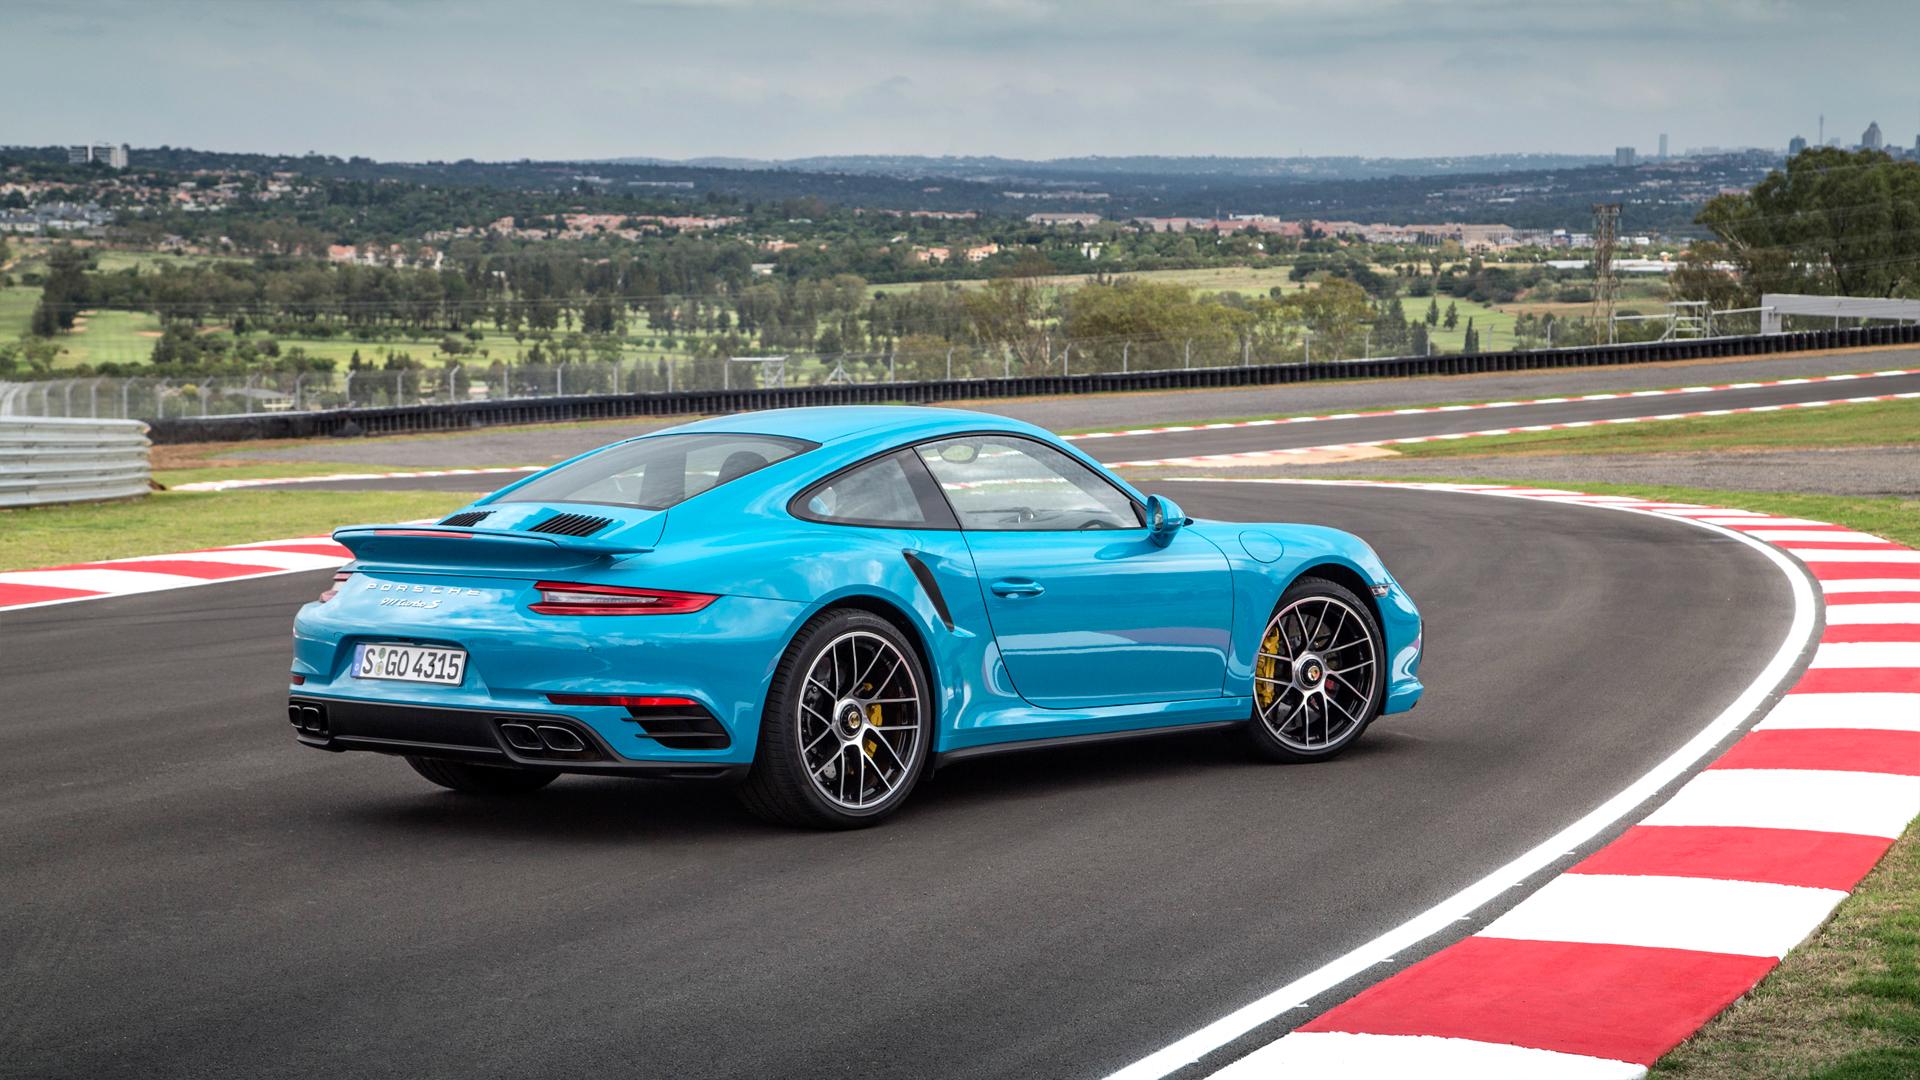 Обман законов физики и плата за совершенство: тест обновленного Porsche 911 Turbo S. Фото 15